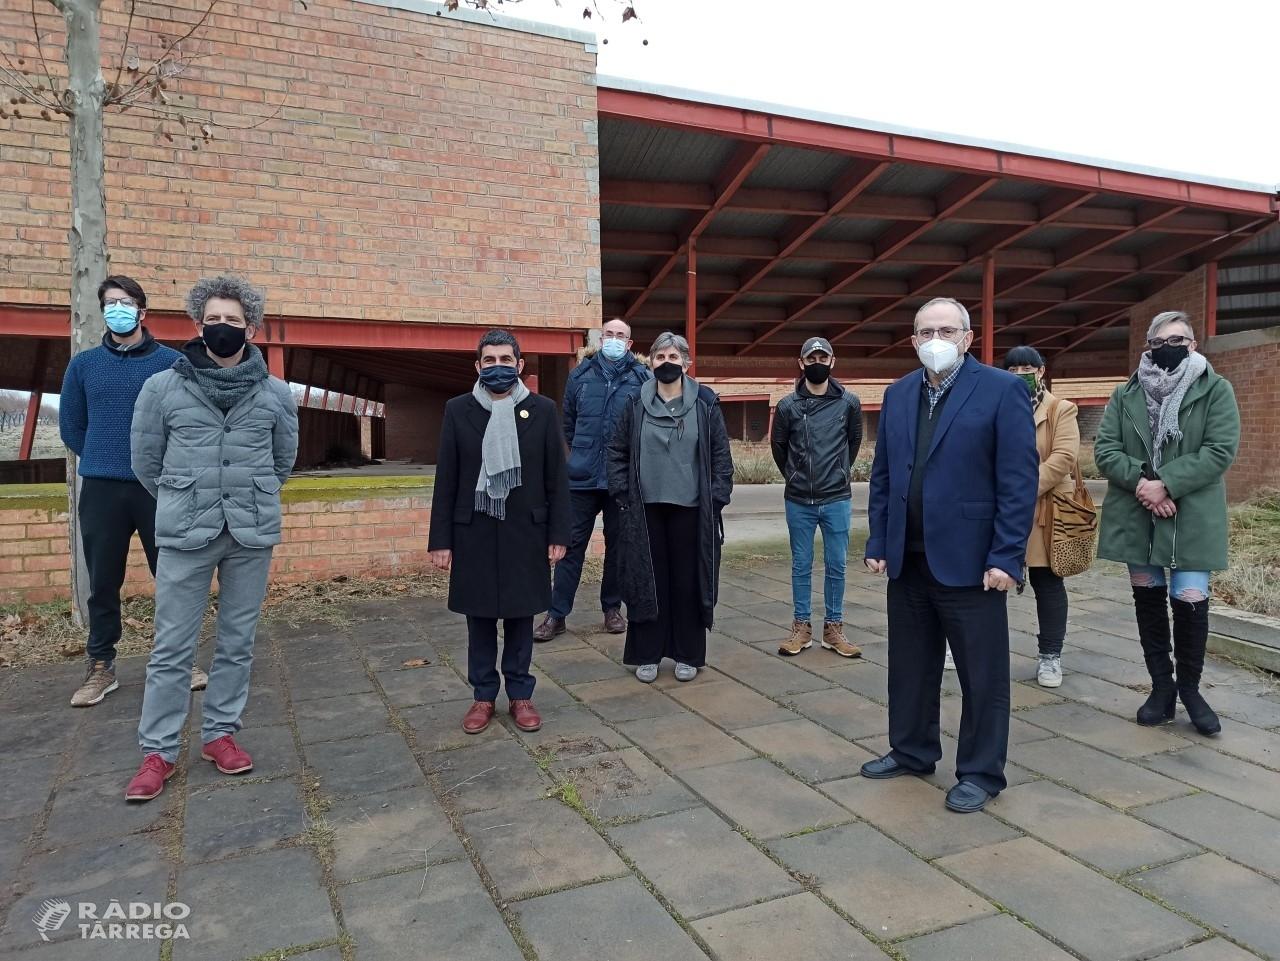 El Conseller Chakir El Homrani visita els terrenys del futur equipament residencial i de serveis comunitaris de Sant Martí de Riucorb que impulsarà el Grup Alba